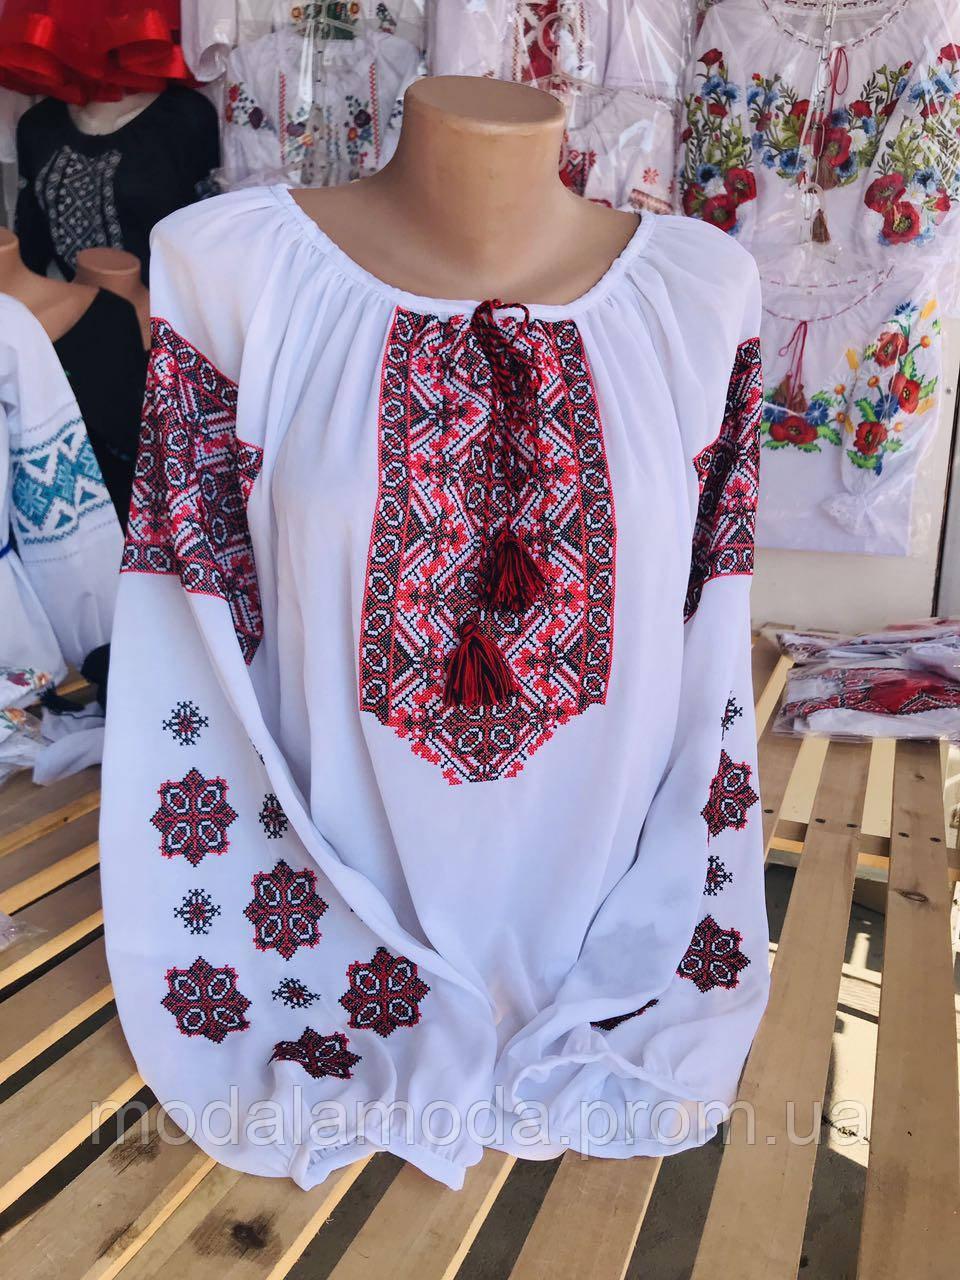 Вышиванка женская с красивым орнаментом под заказ